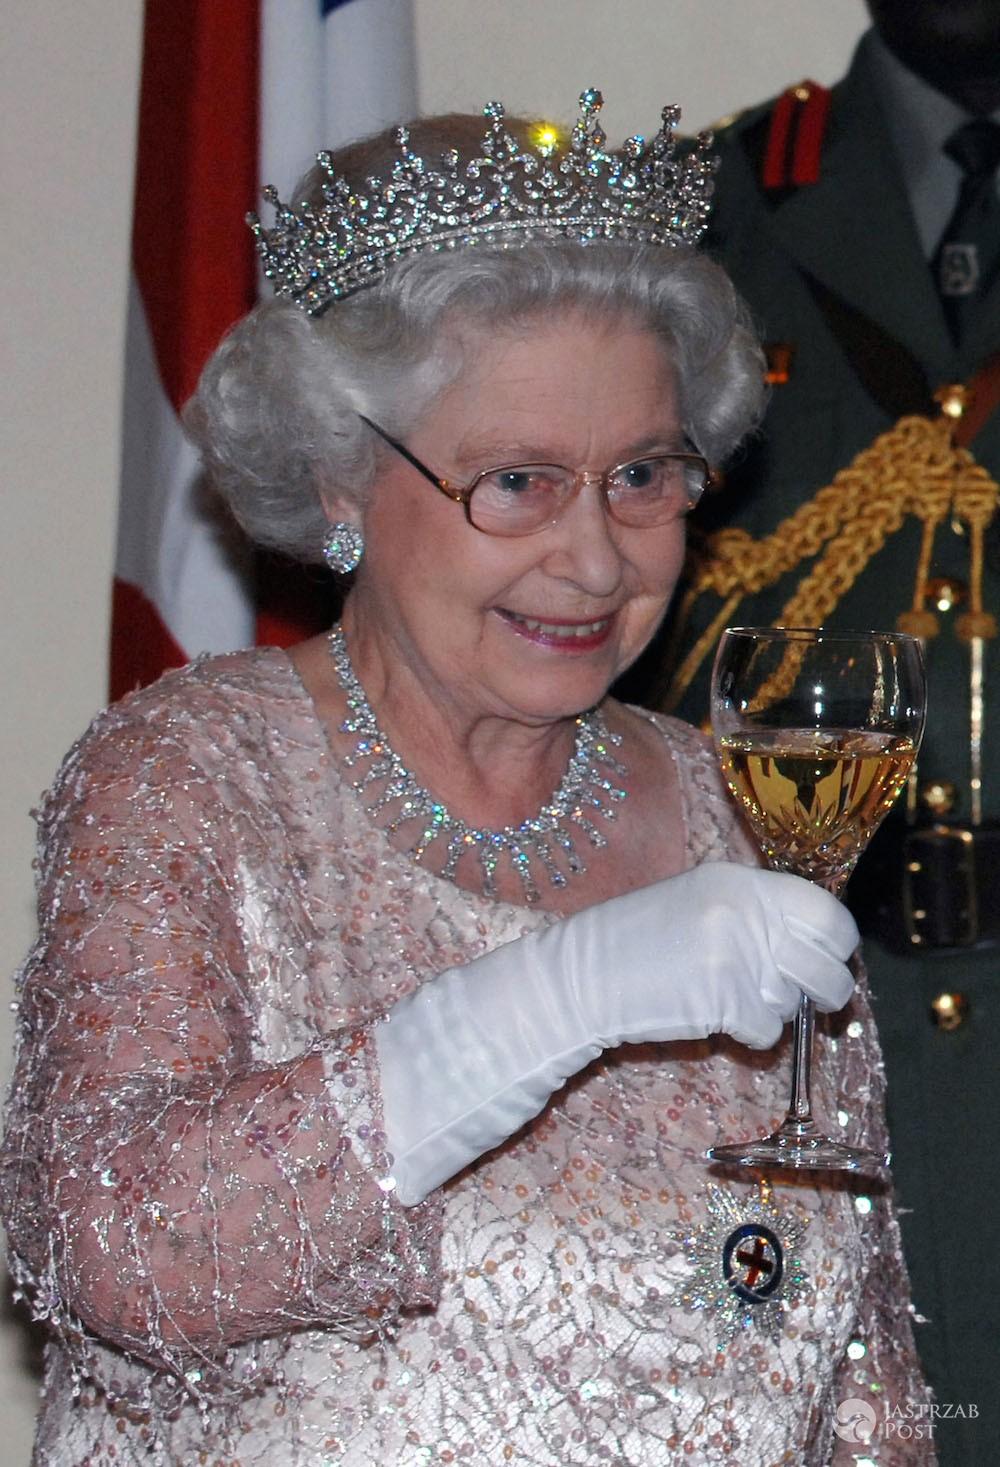 Królowa Elżbieta II pije alkohol